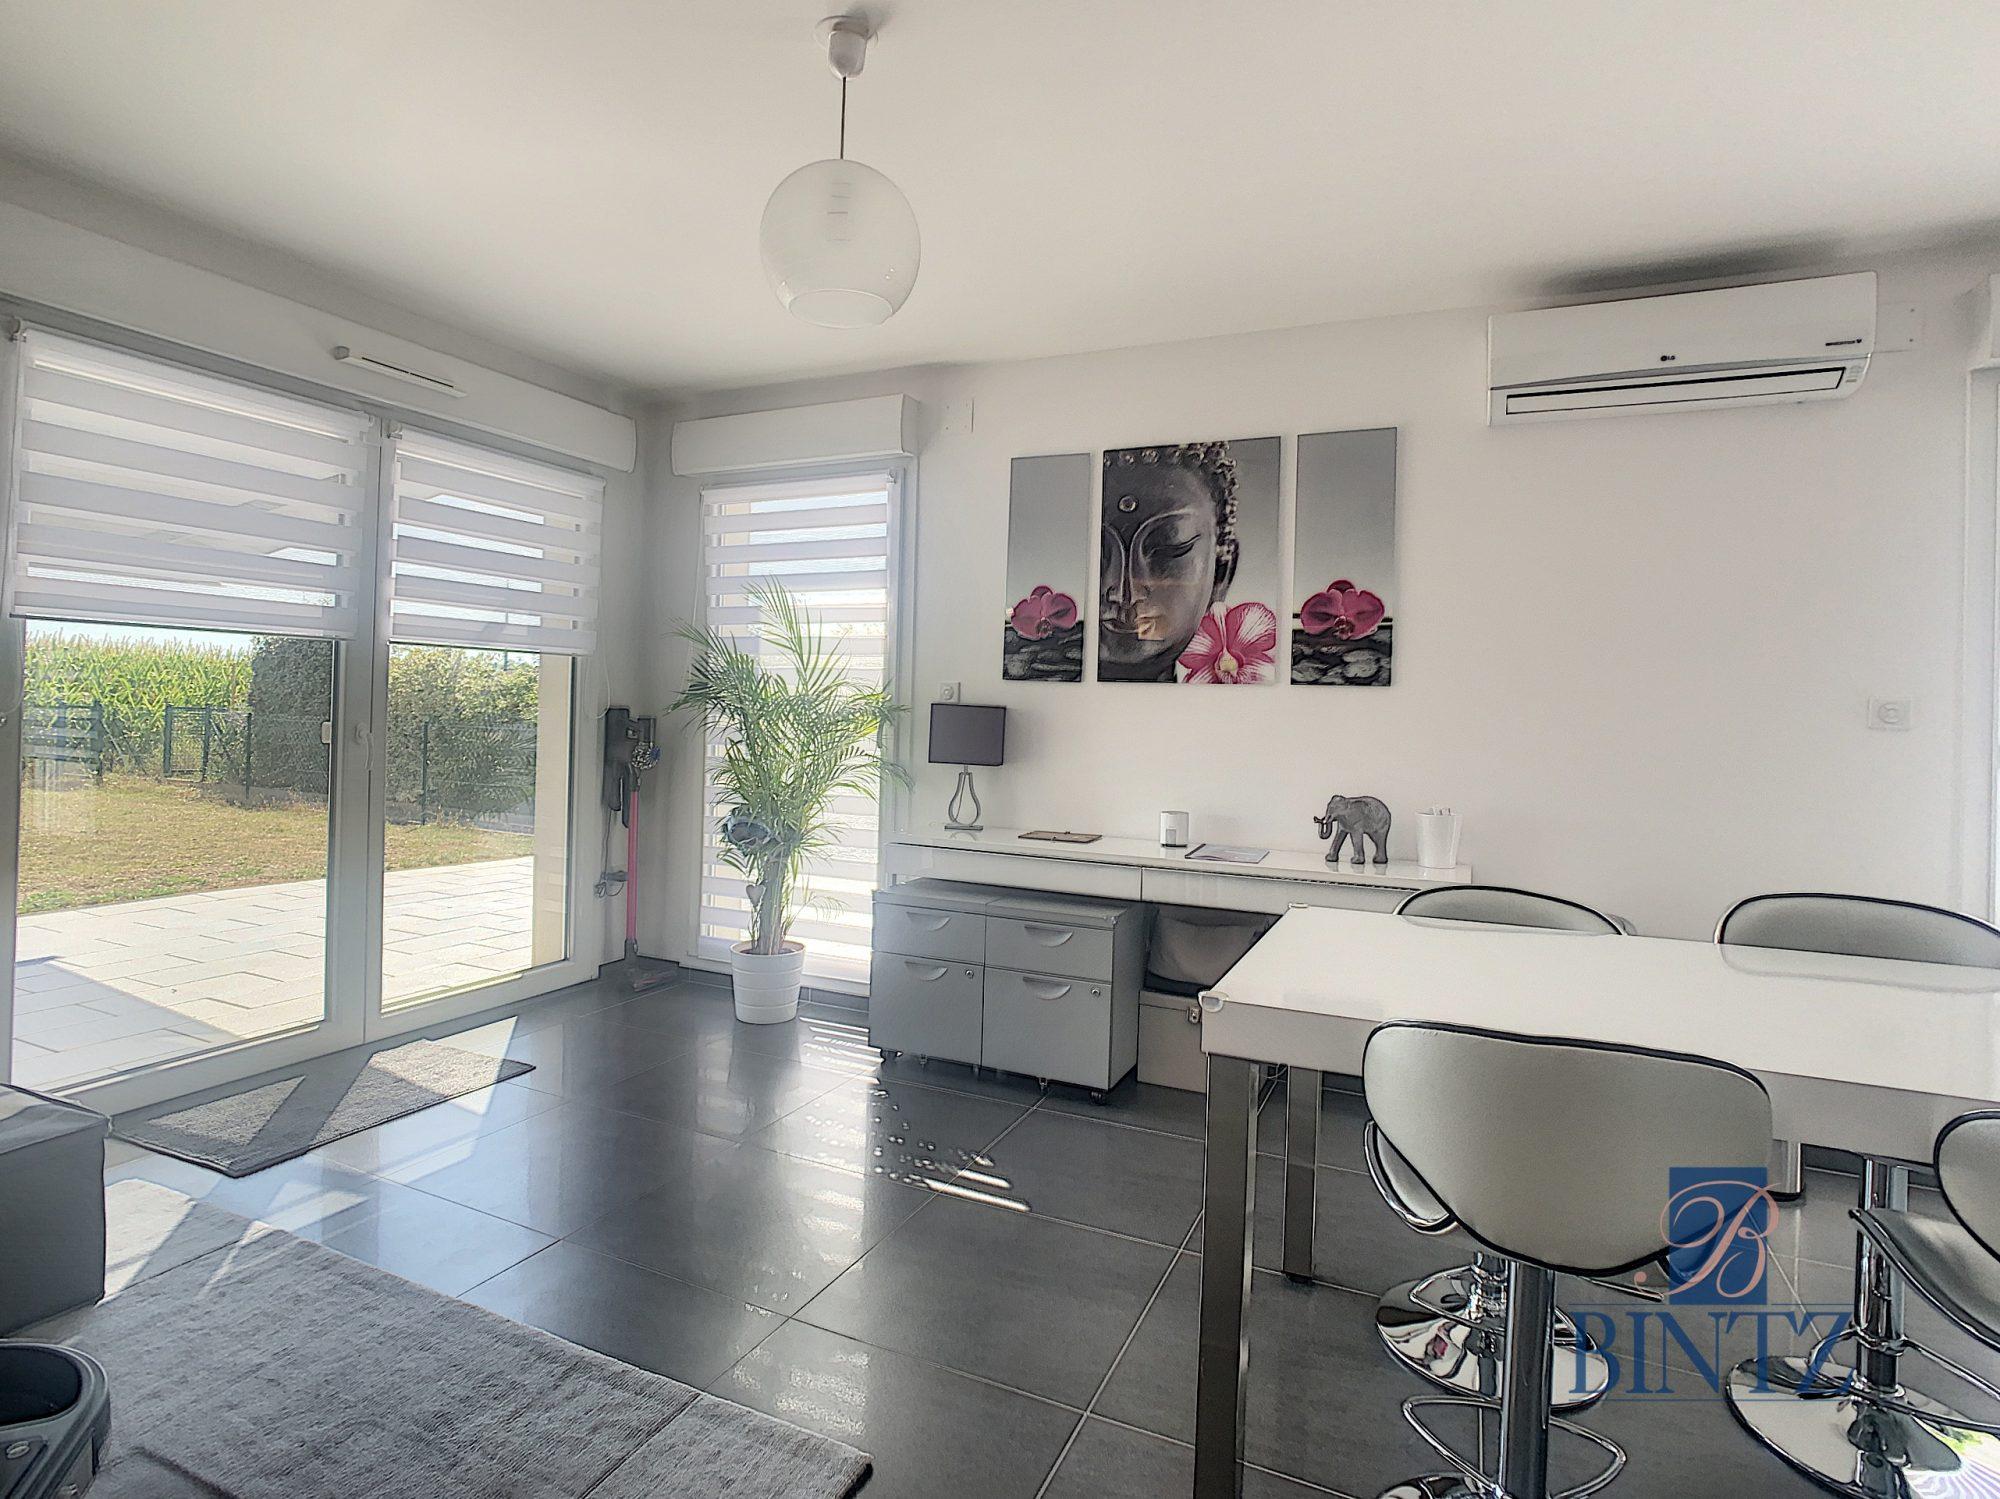 Appartement 4 pièces Duplex rez-de-jardin - Devenez propriétaire en toute confiance - Bintz Immobilier - 6